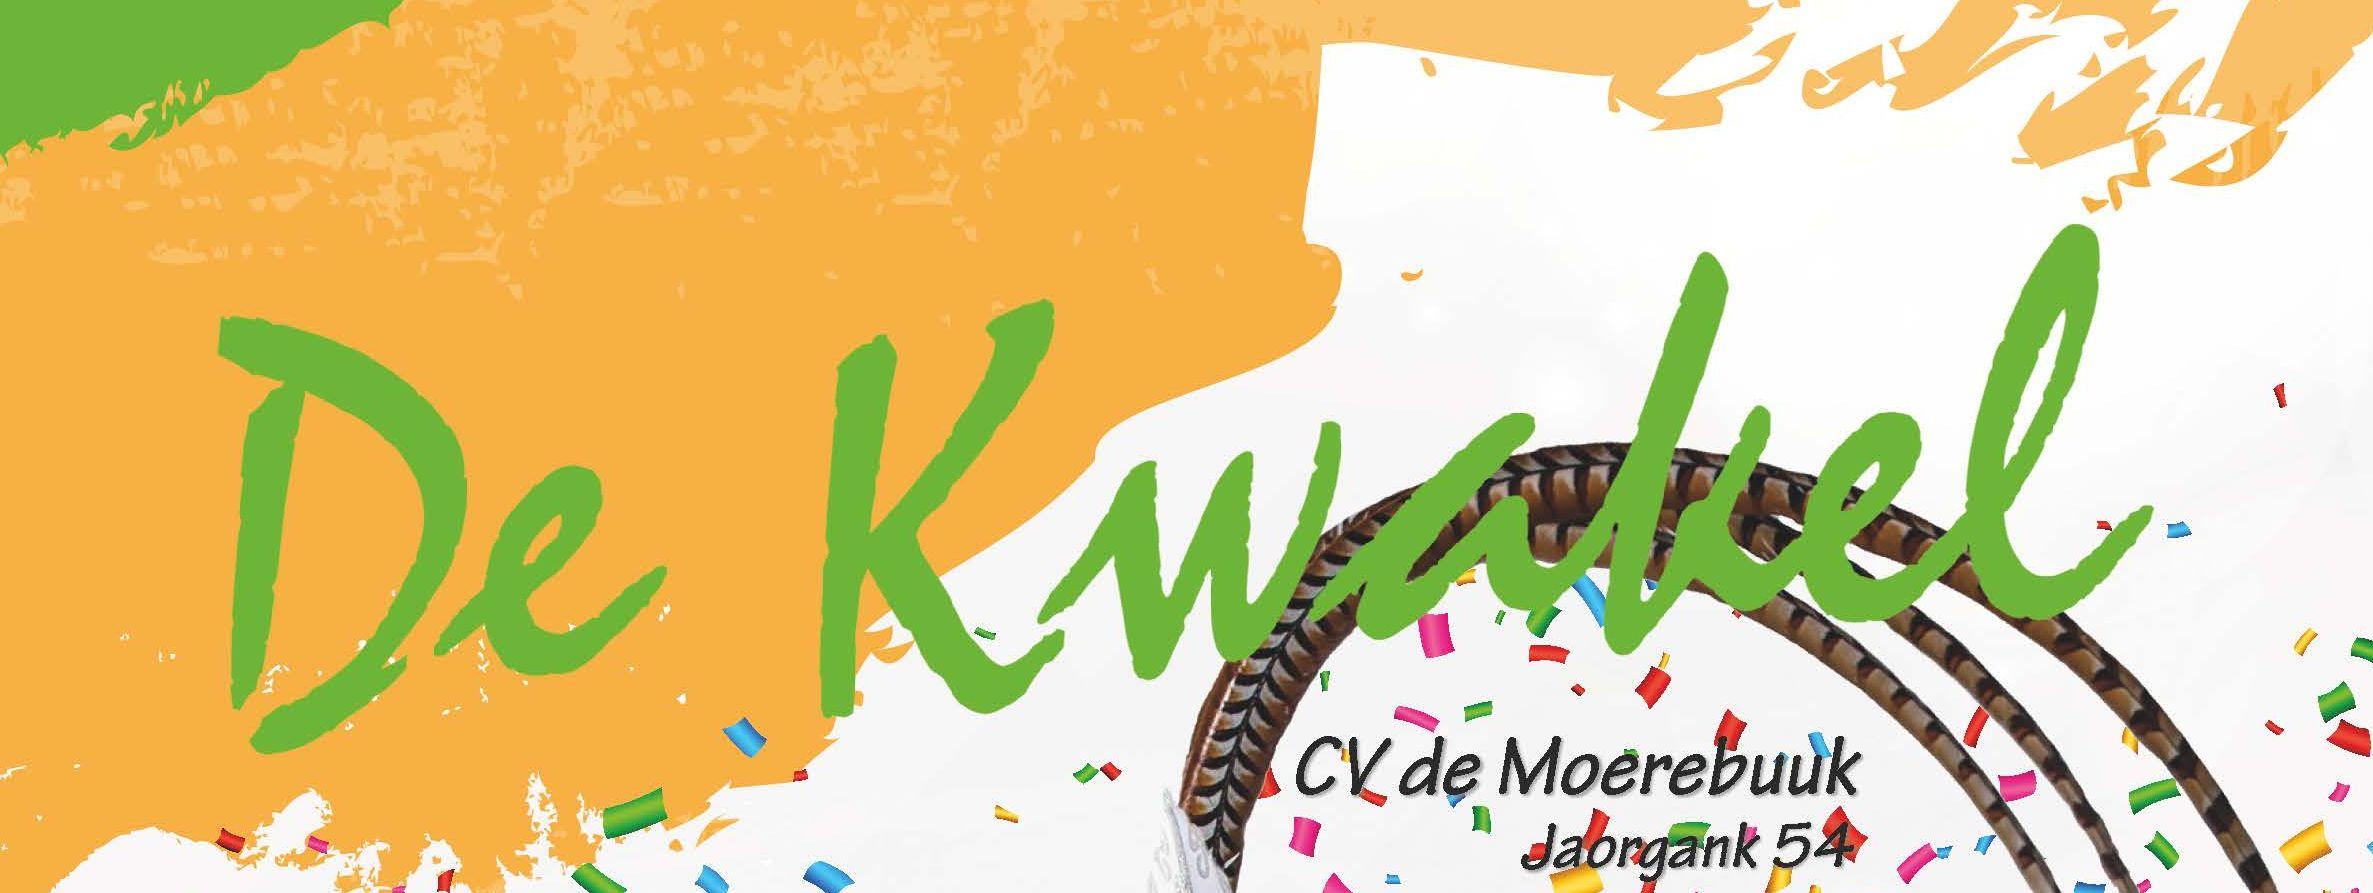 Kwakel